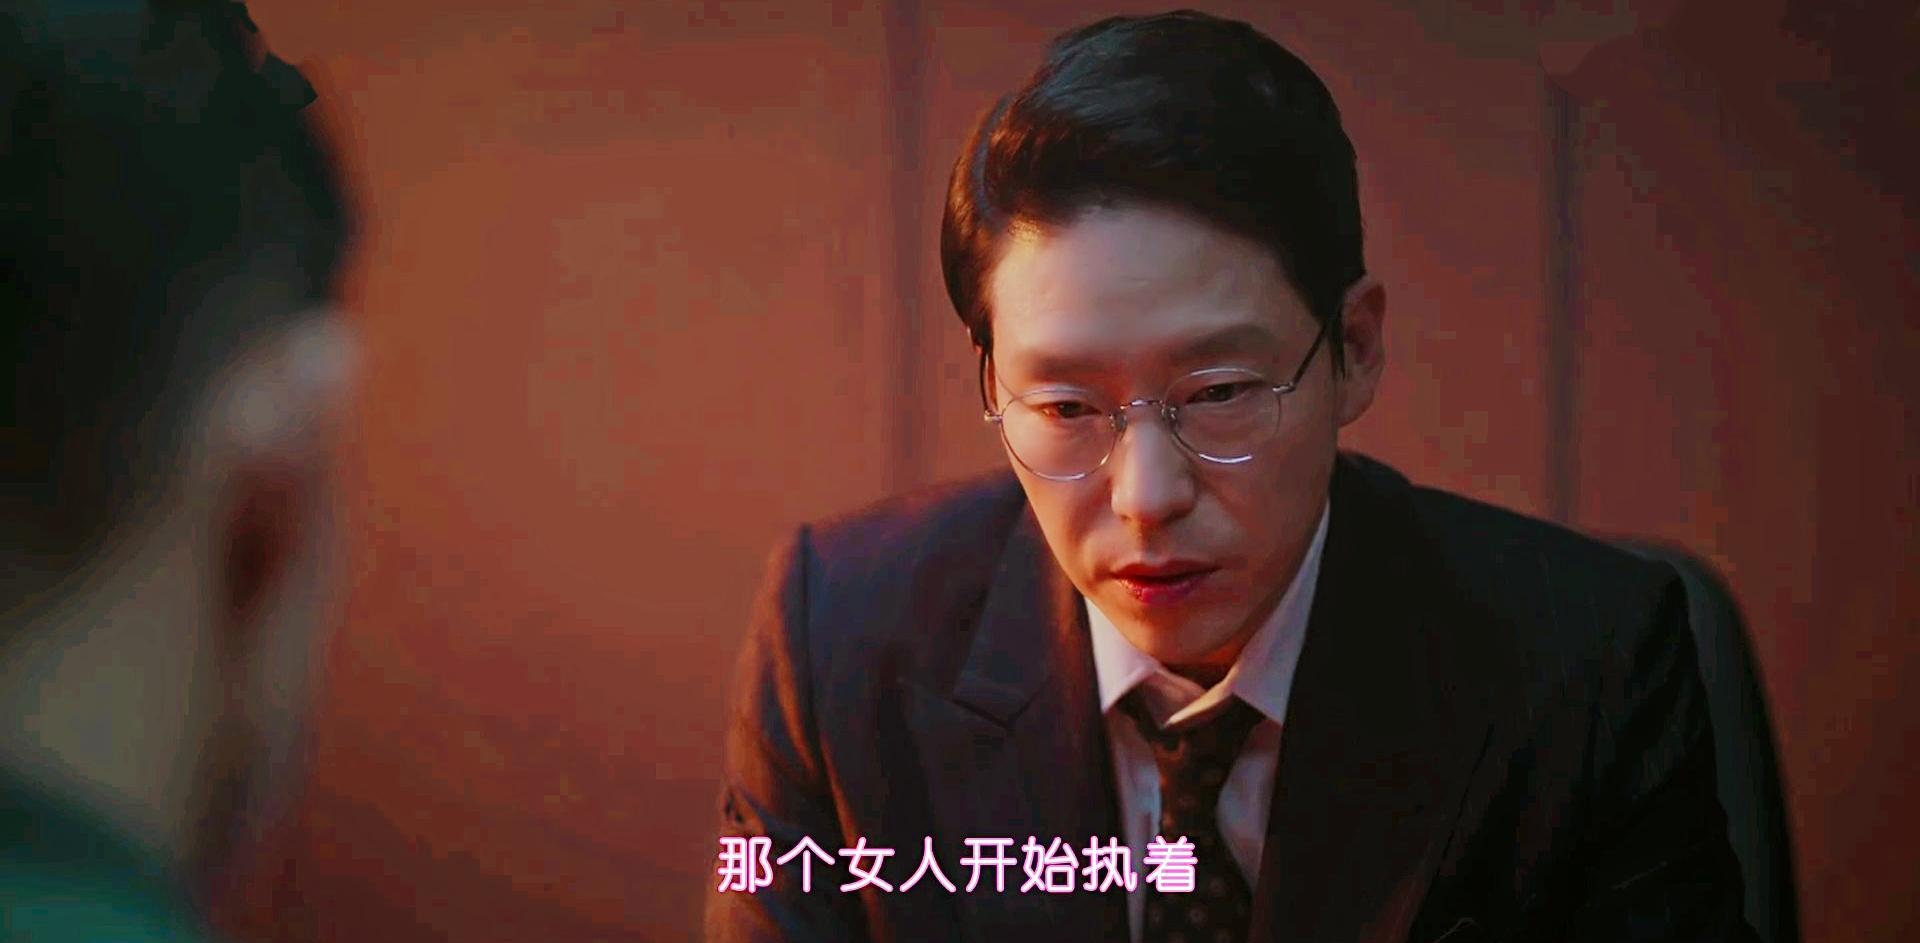 《顶楼》编剧神脑洞,女主沈秀莲被害身亡,吴允熙自认是凶手